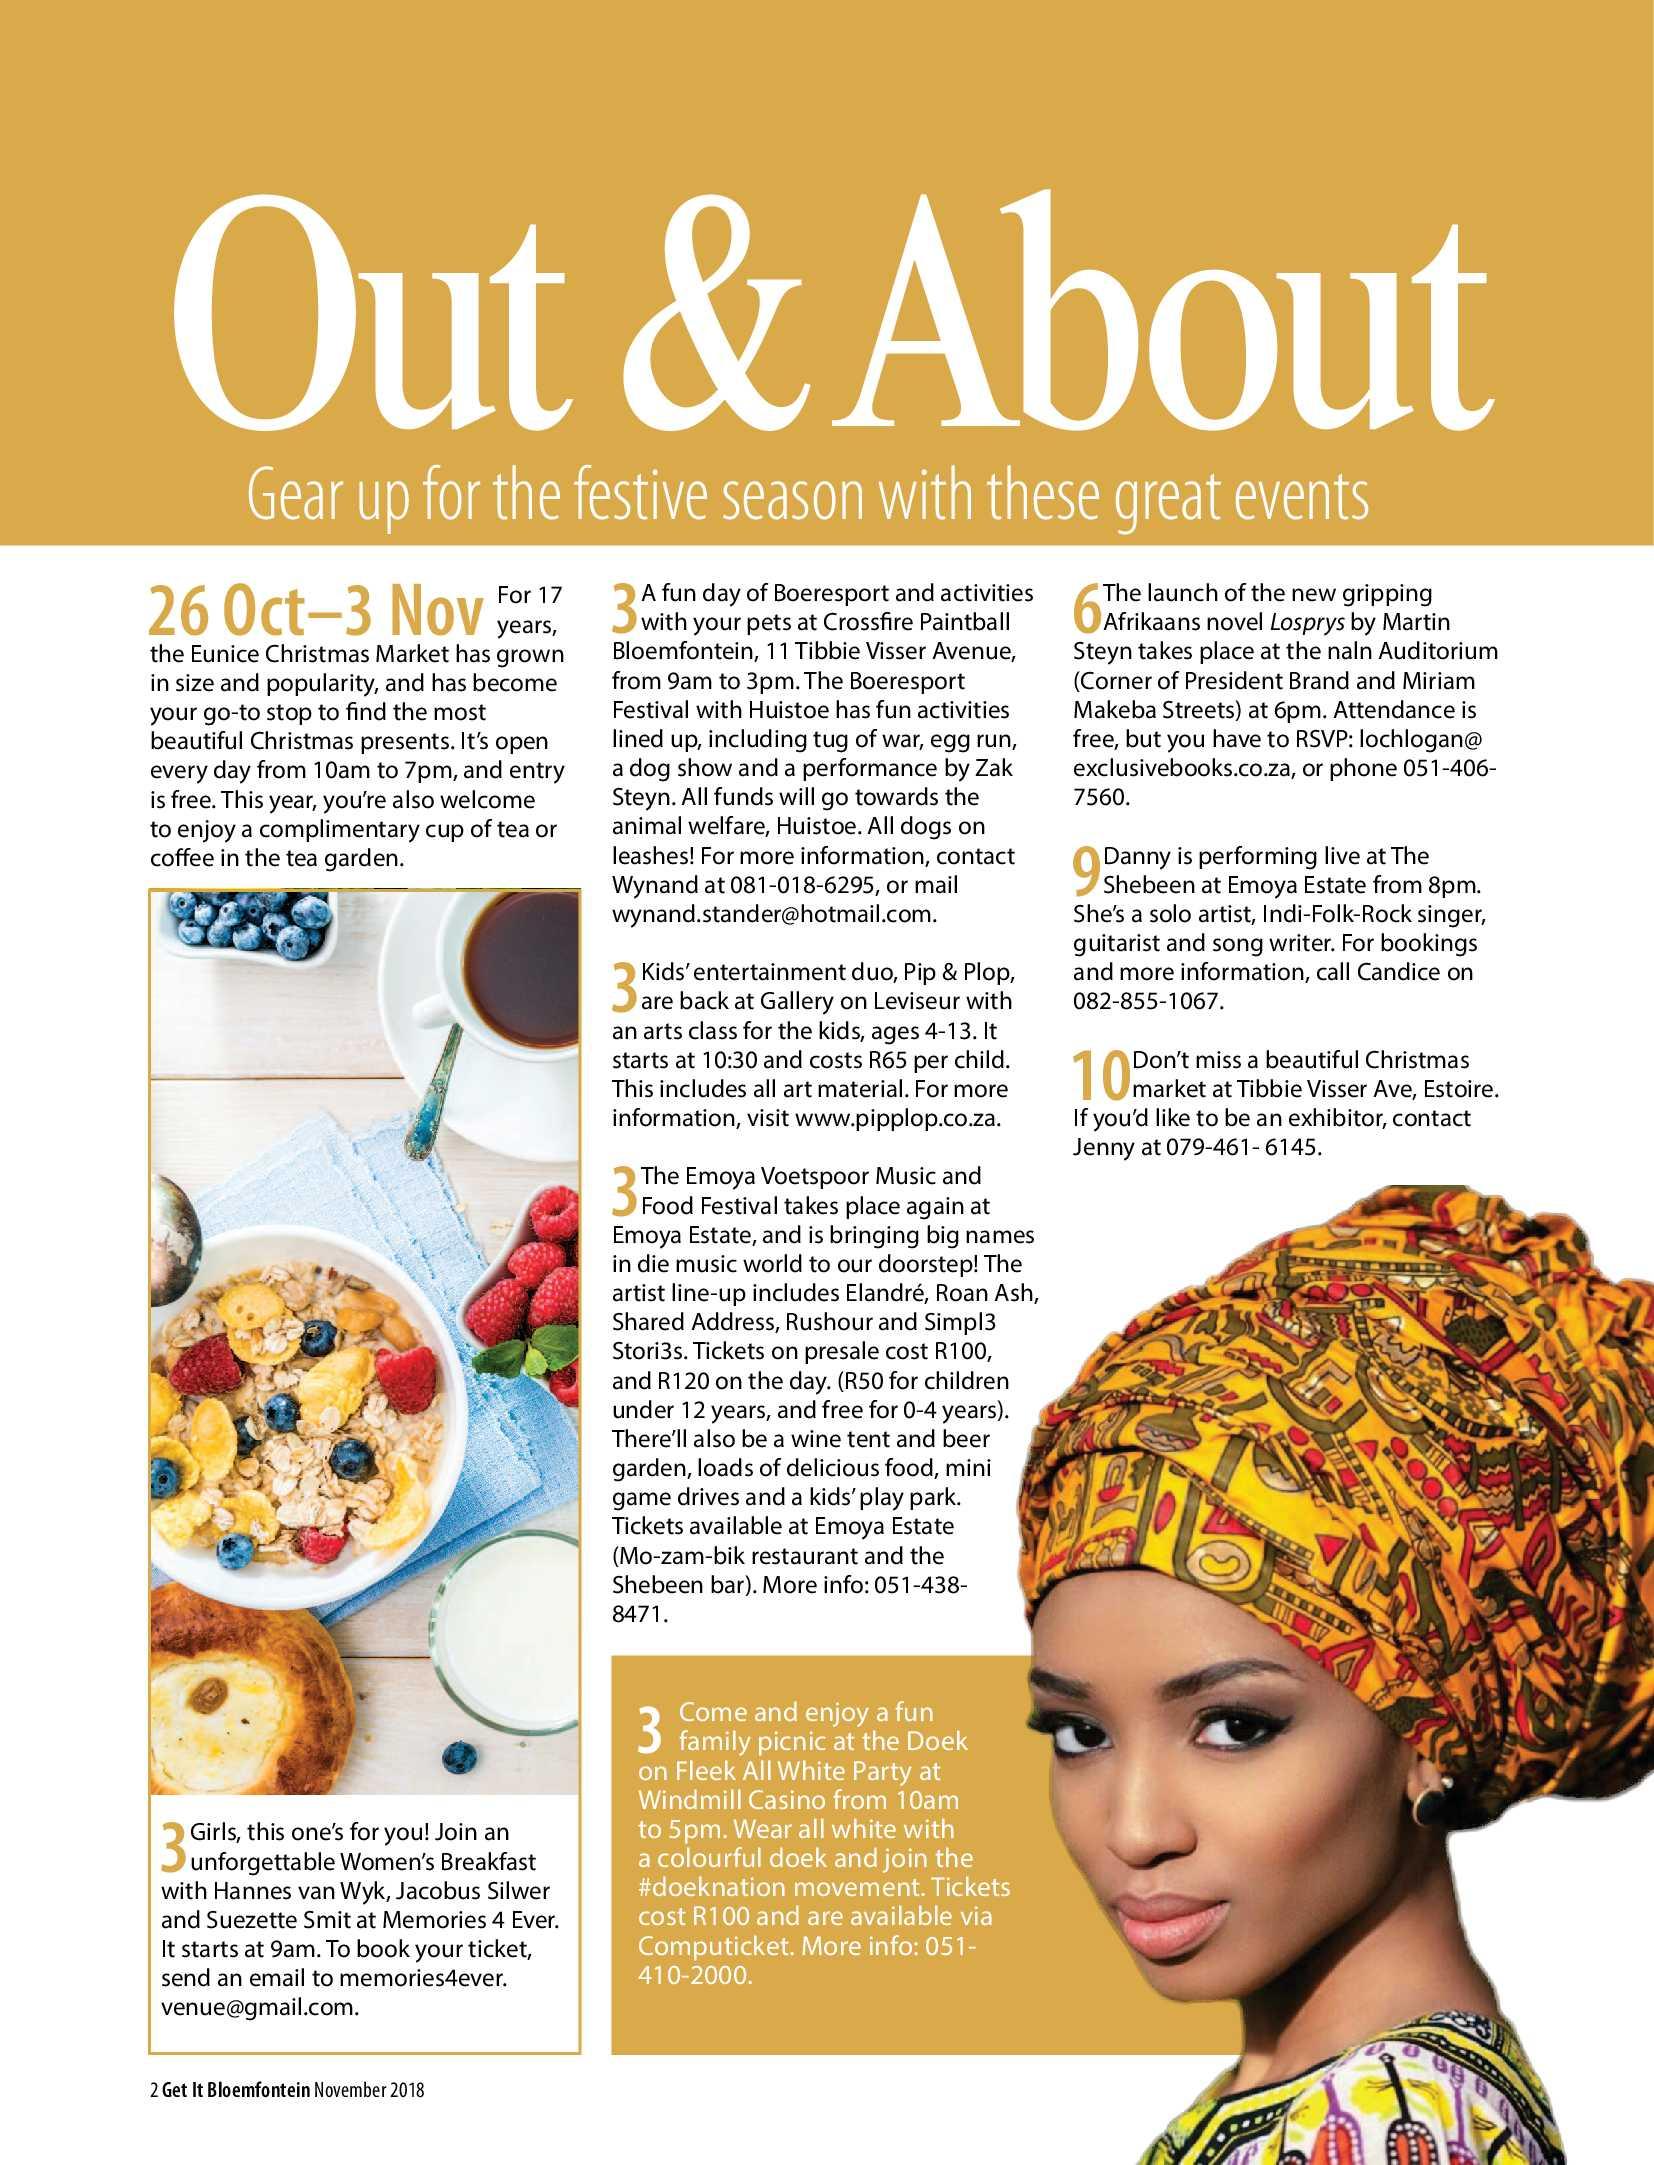 get-bloemfontein-november-2018-epapers-page-4